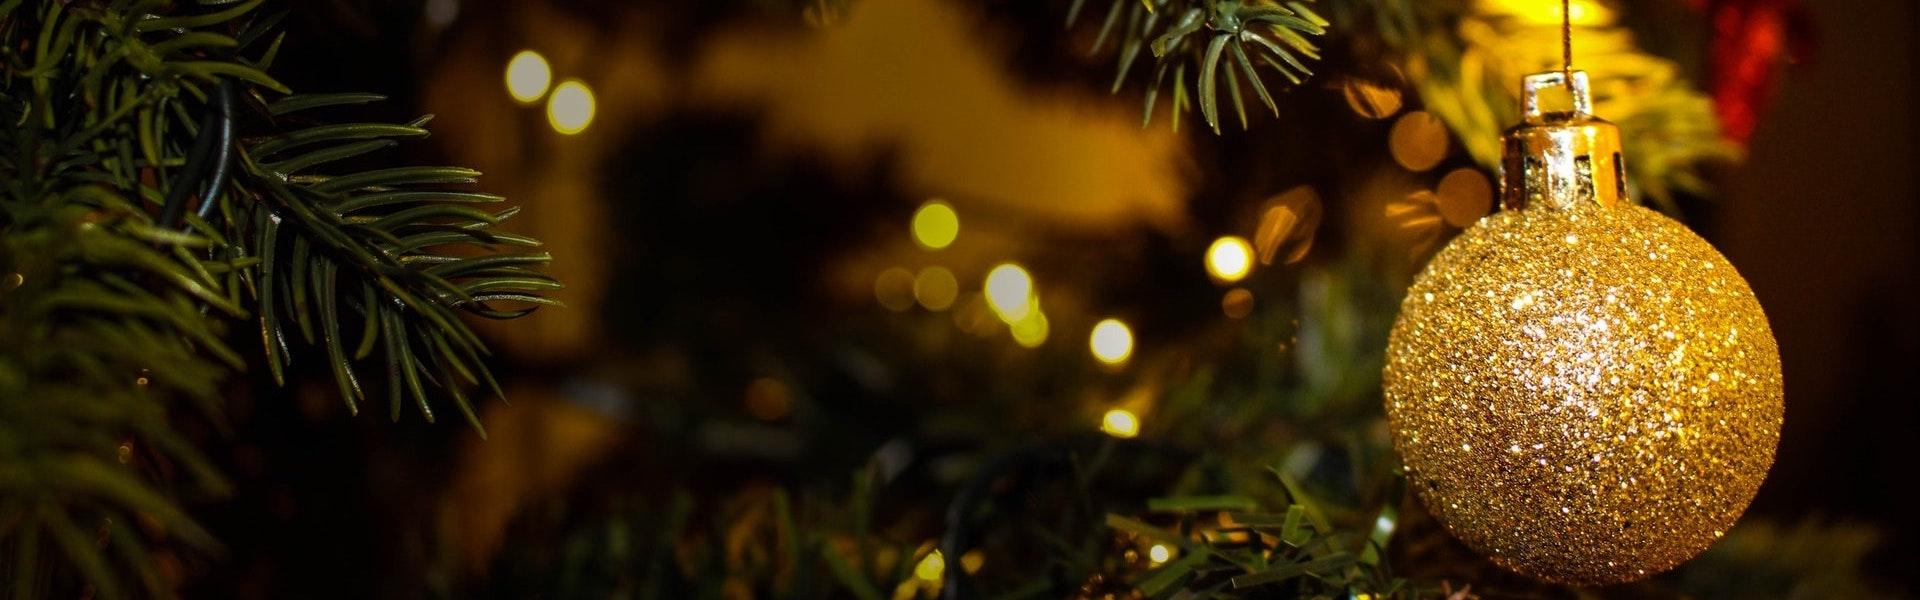 De Mooiste Kerstbomen Van Wassenaar Wassenaarse Kerstbomen Service